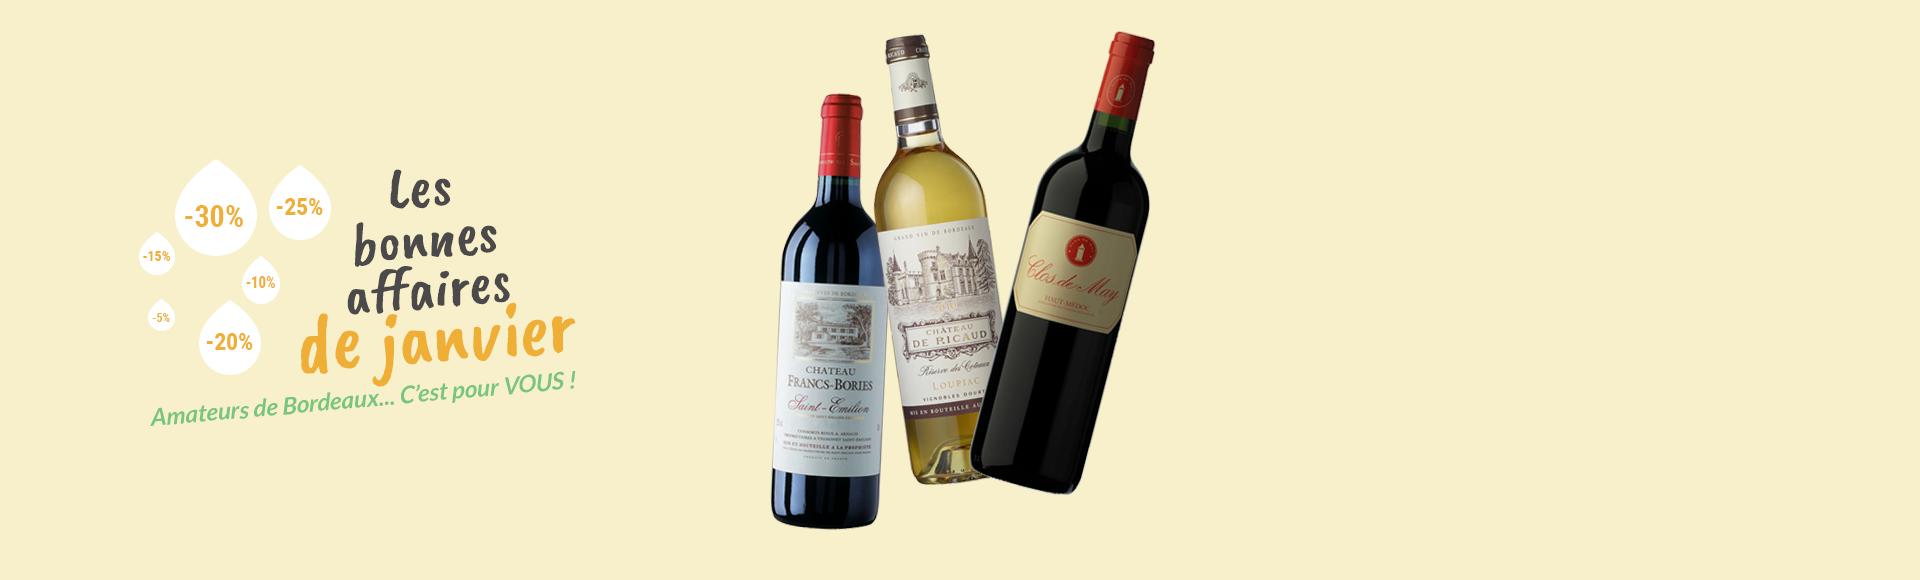 Les bonnes affaires Bordeaux !